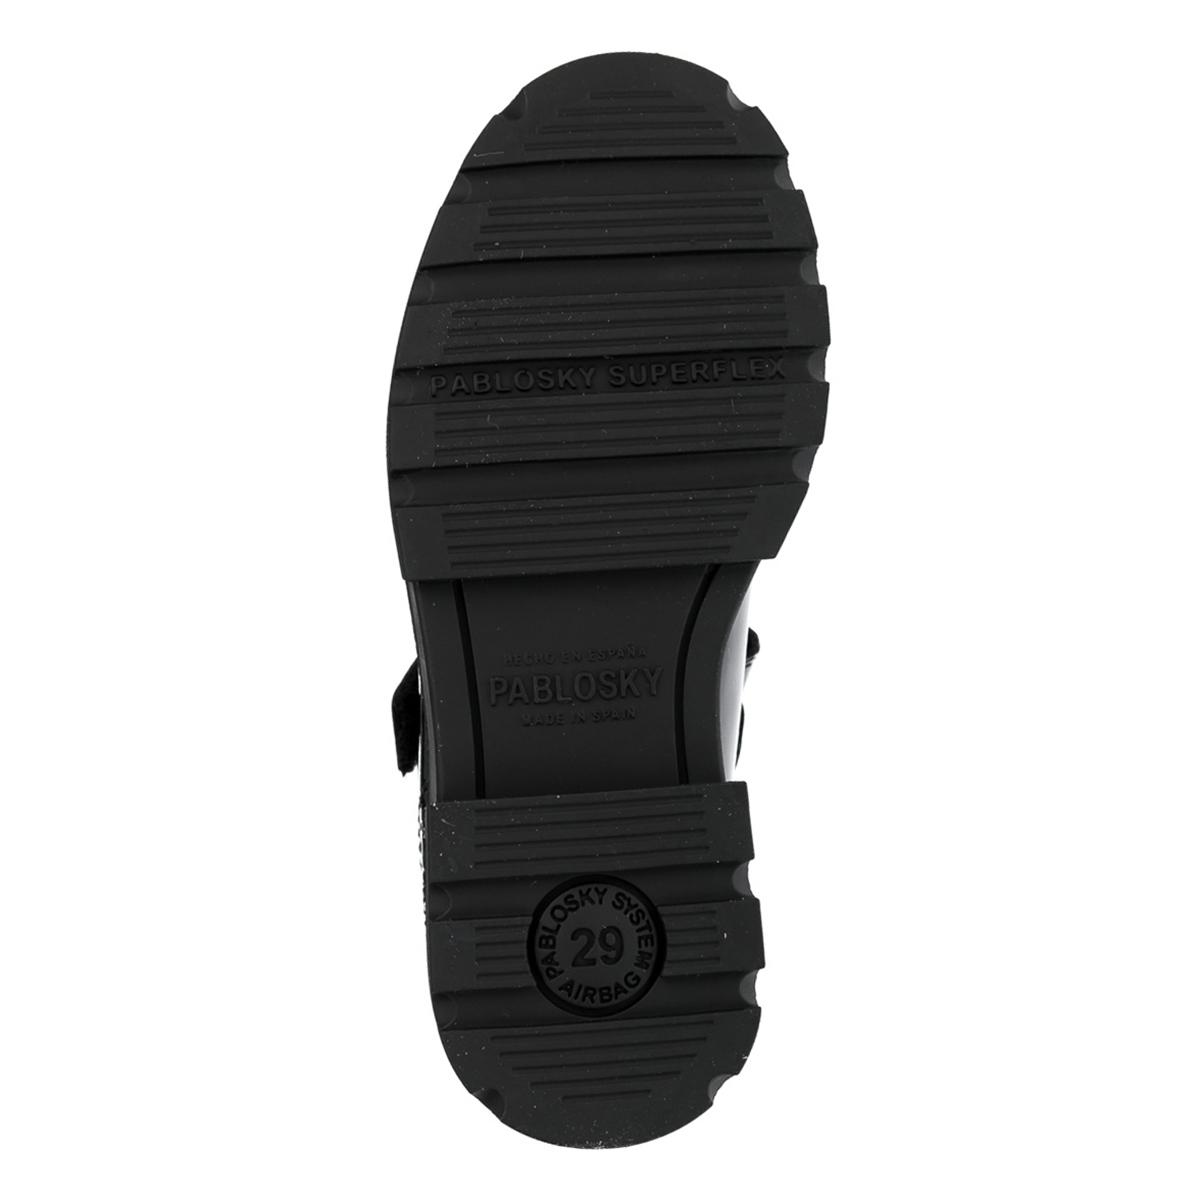 Купить Туфли, мокасины, Туфли Pablosky Lady Jane, р. 31 335819 ТМ: Pablosky, черный